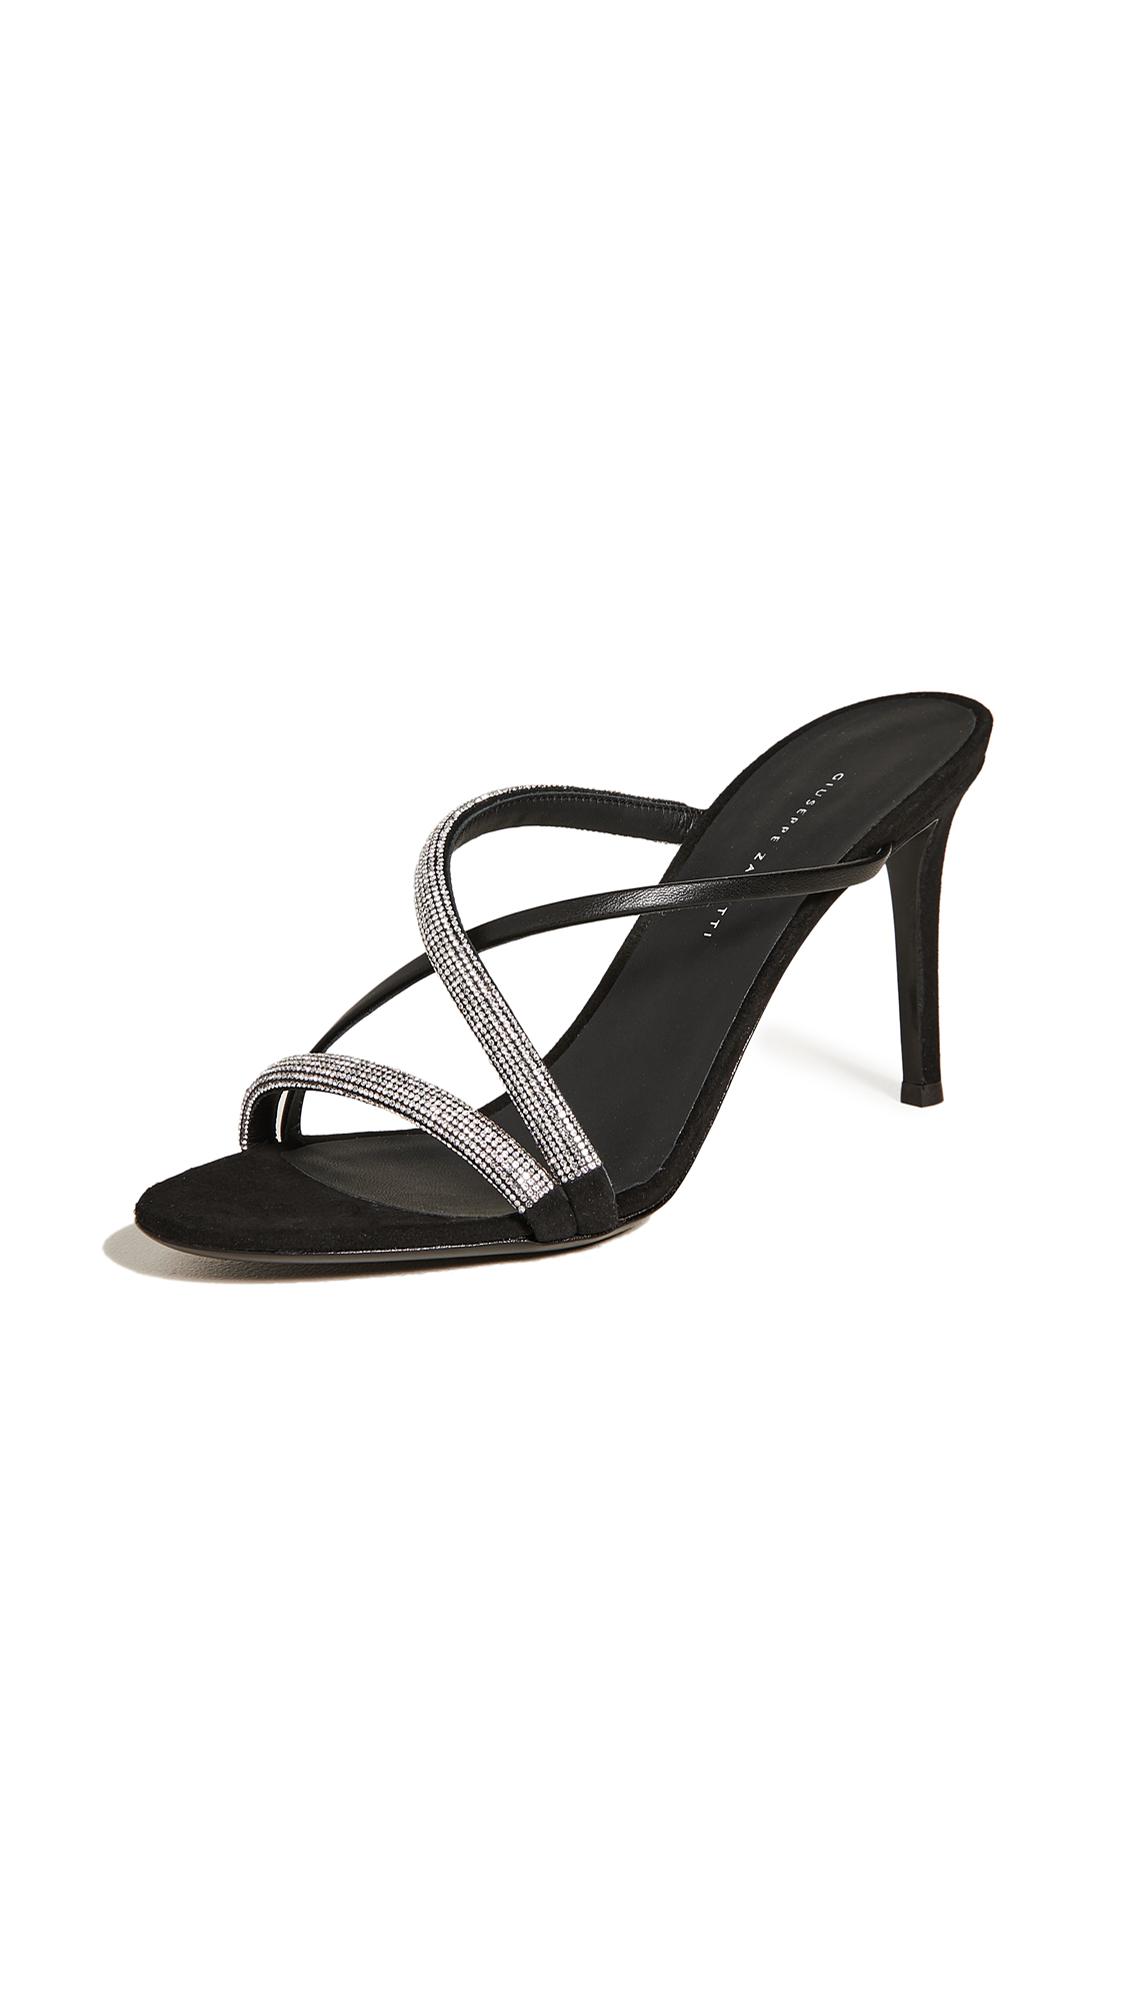 Buy Giuseppe Zanotti 85mm Basic Slide Sandals online, shop Giuseppe Zanotti